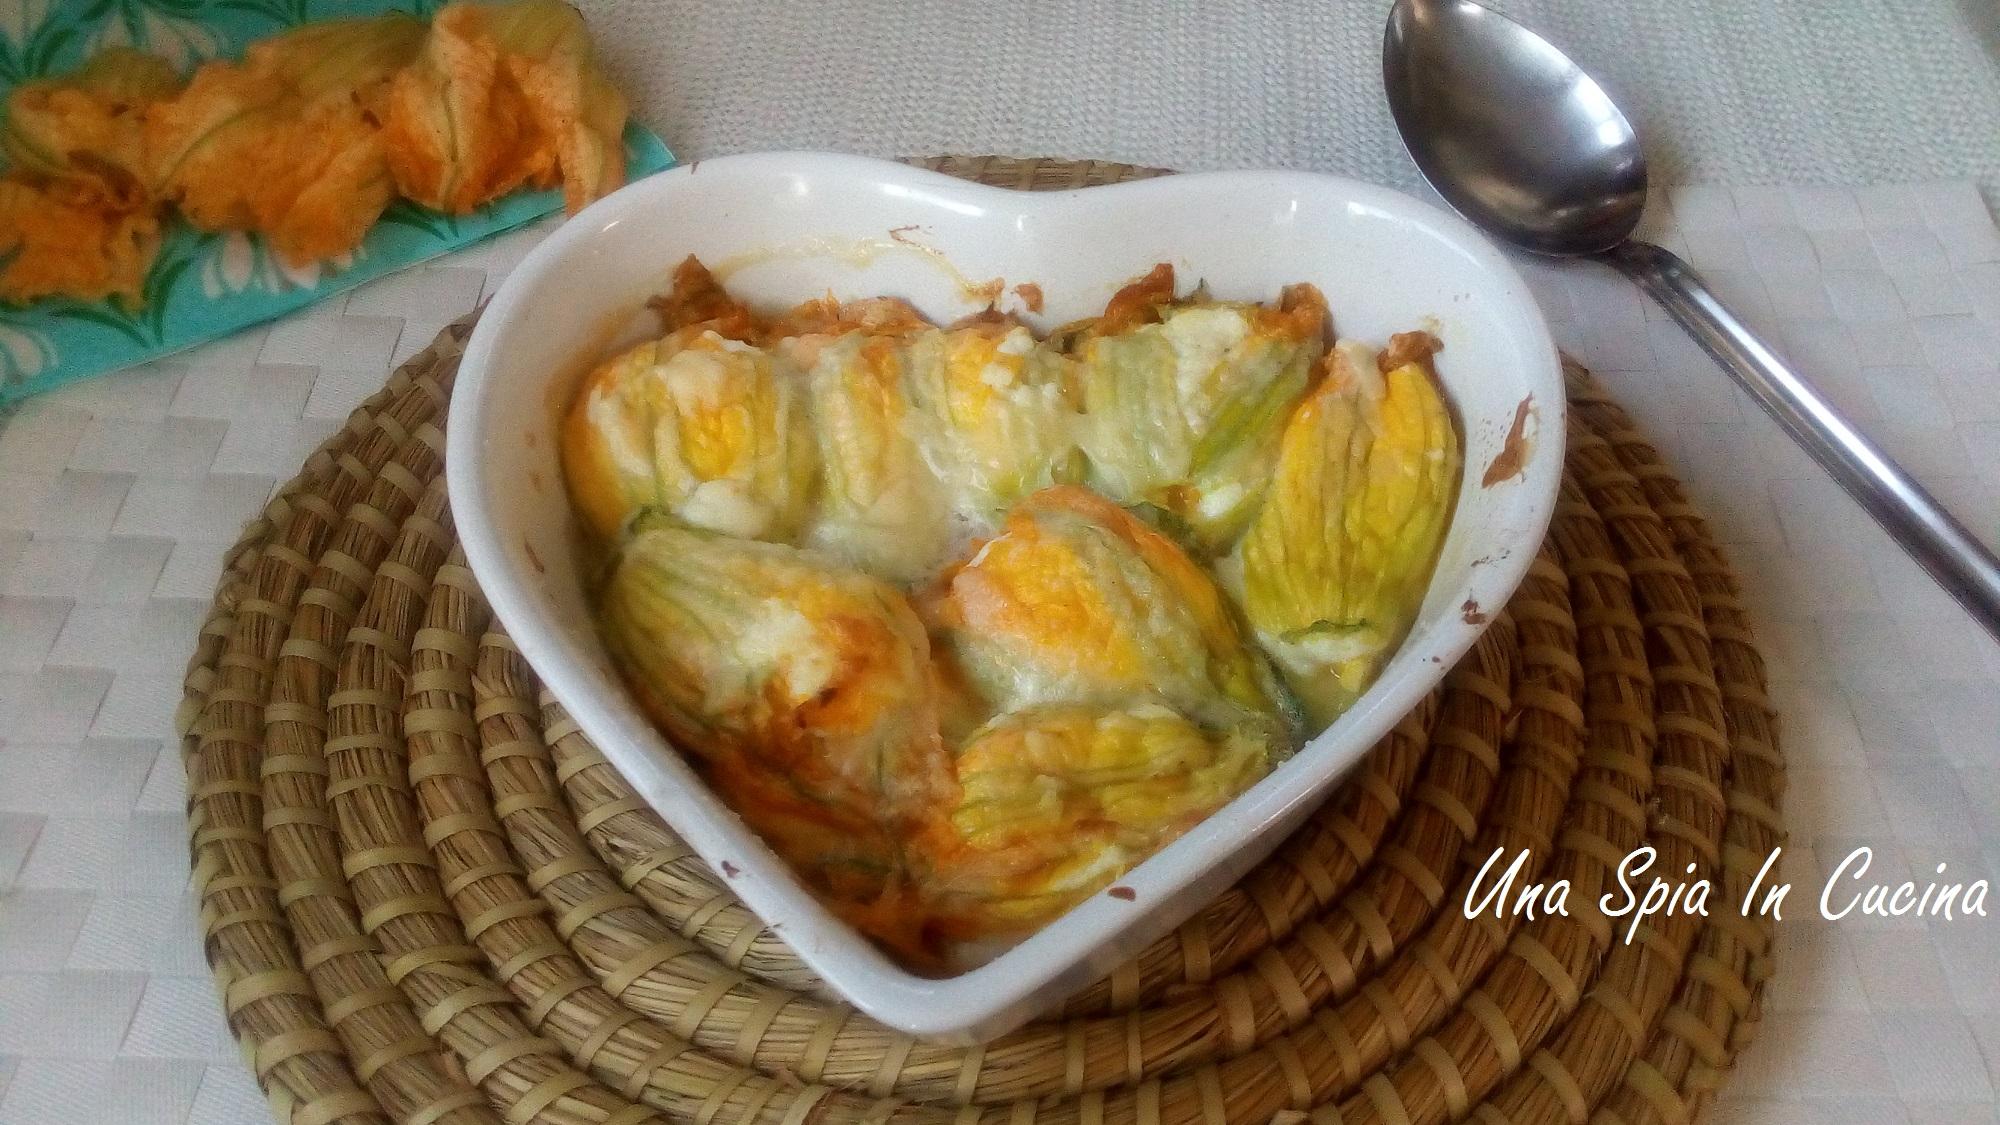 Fiori di zucchine con ricotta al forno